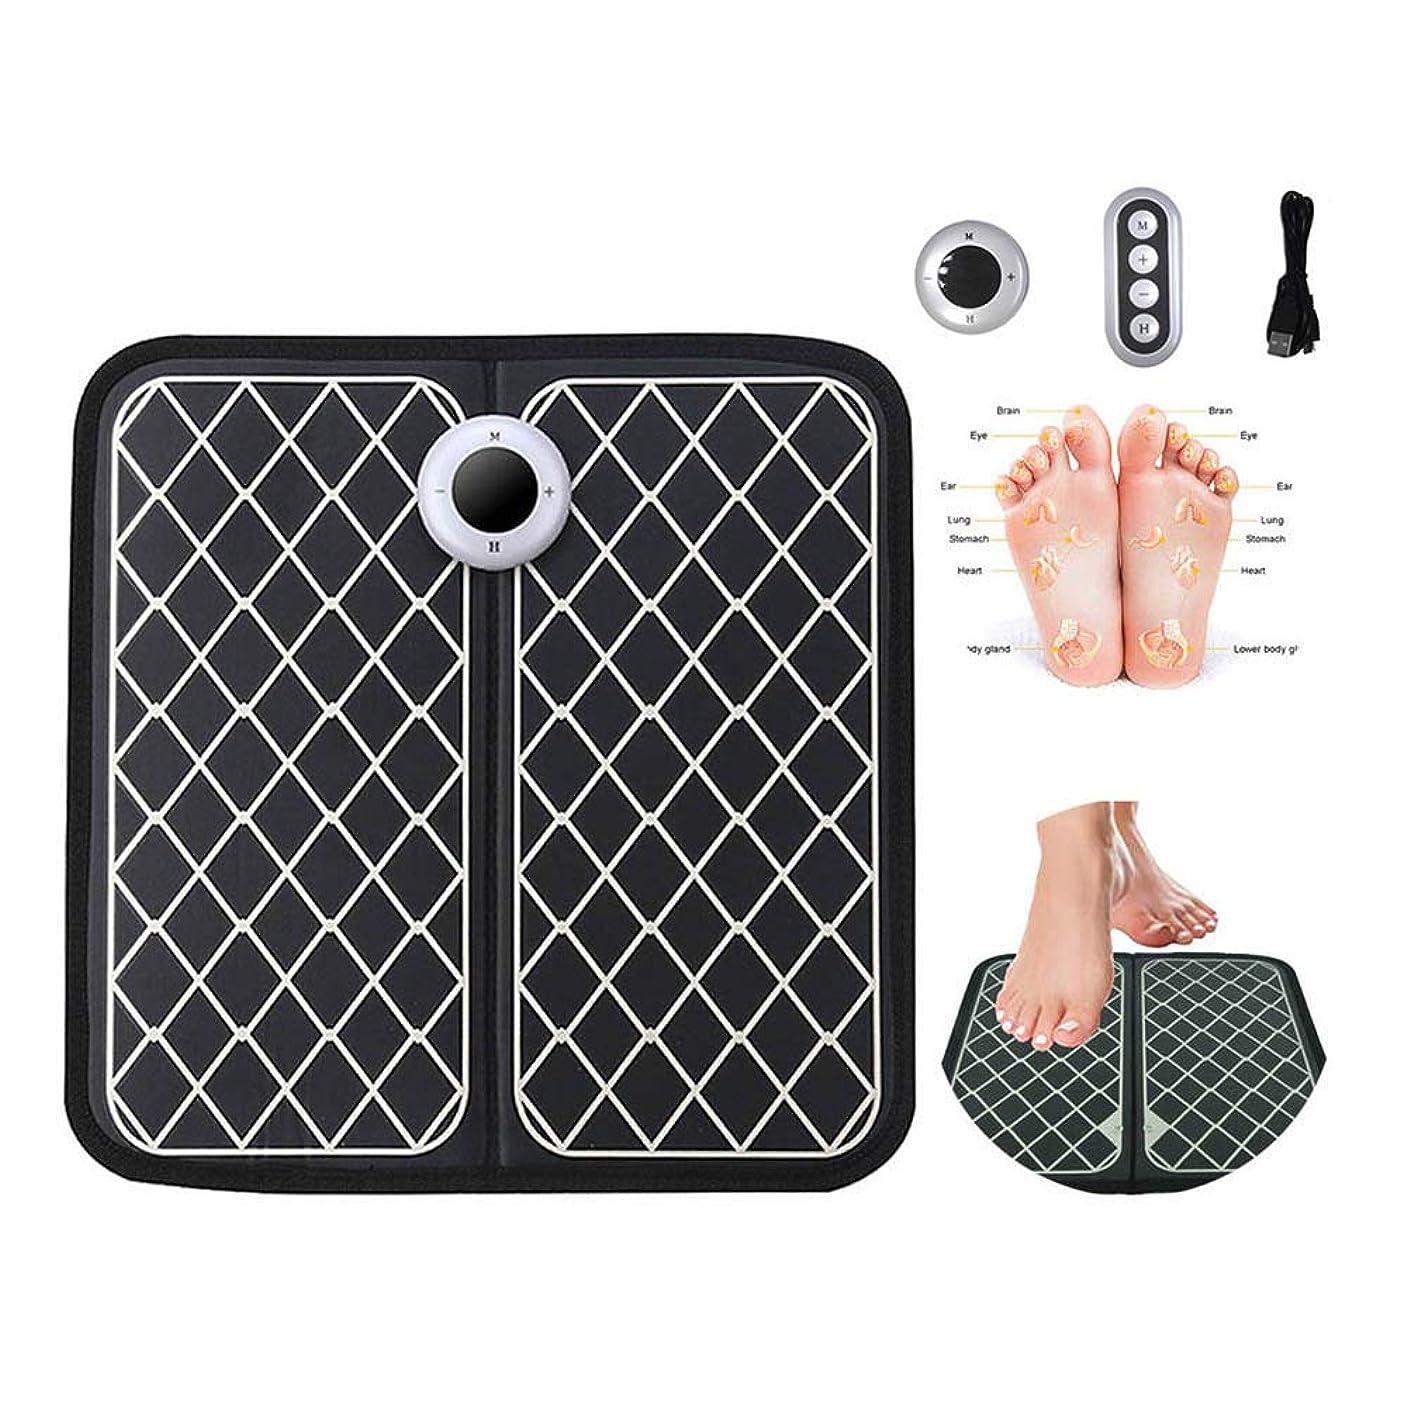 本質的に水っぽい精査する電気フットマッサージマット鍼灸マッサージの足は、マシンビューティーフットバイブトレーニング筋肉理学折り畳み式リモコン付きリラックス